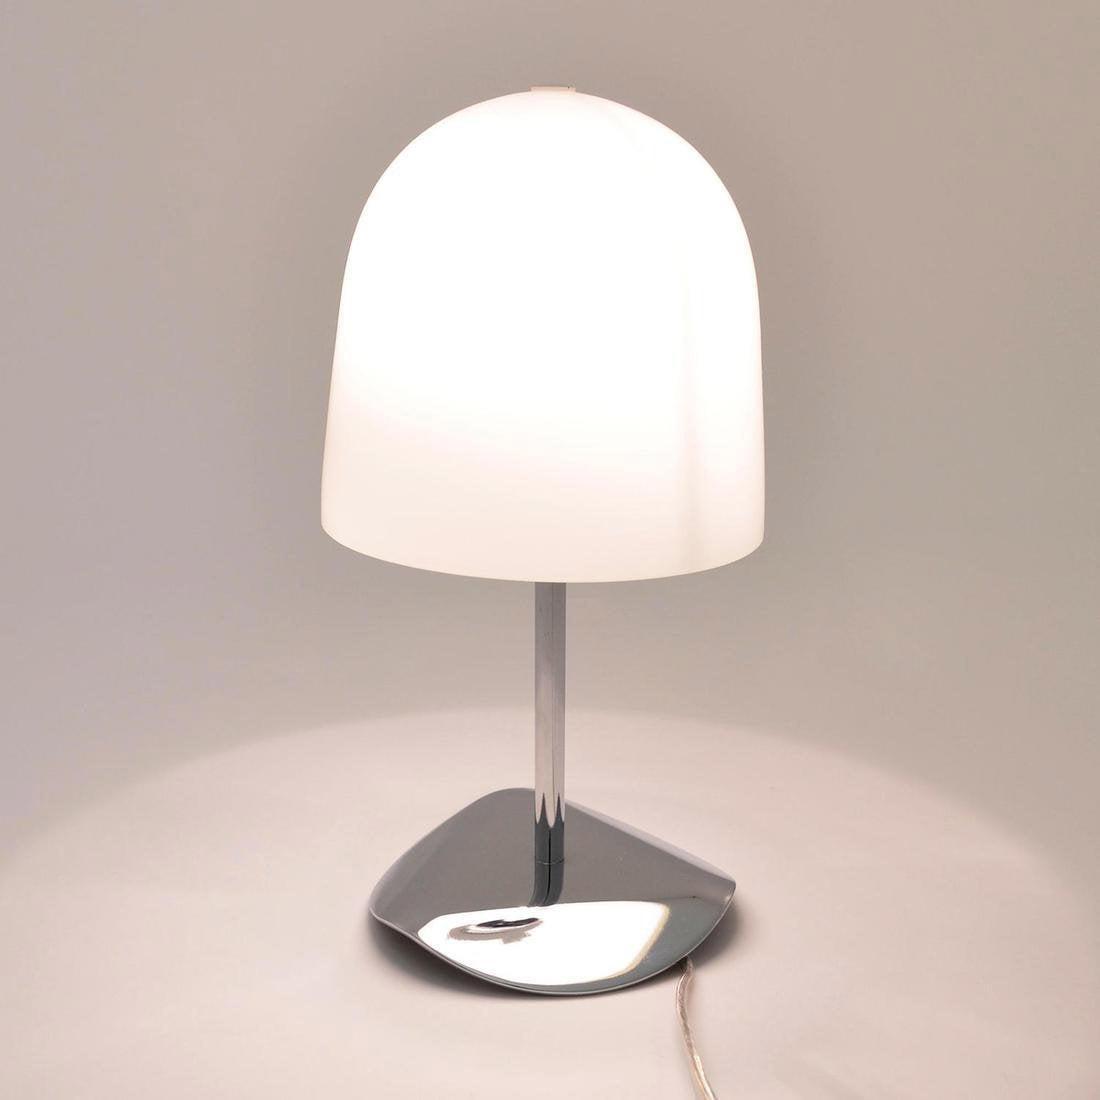 Lampe, design, verre blanc et chromé, LO EDITIONS Shiny